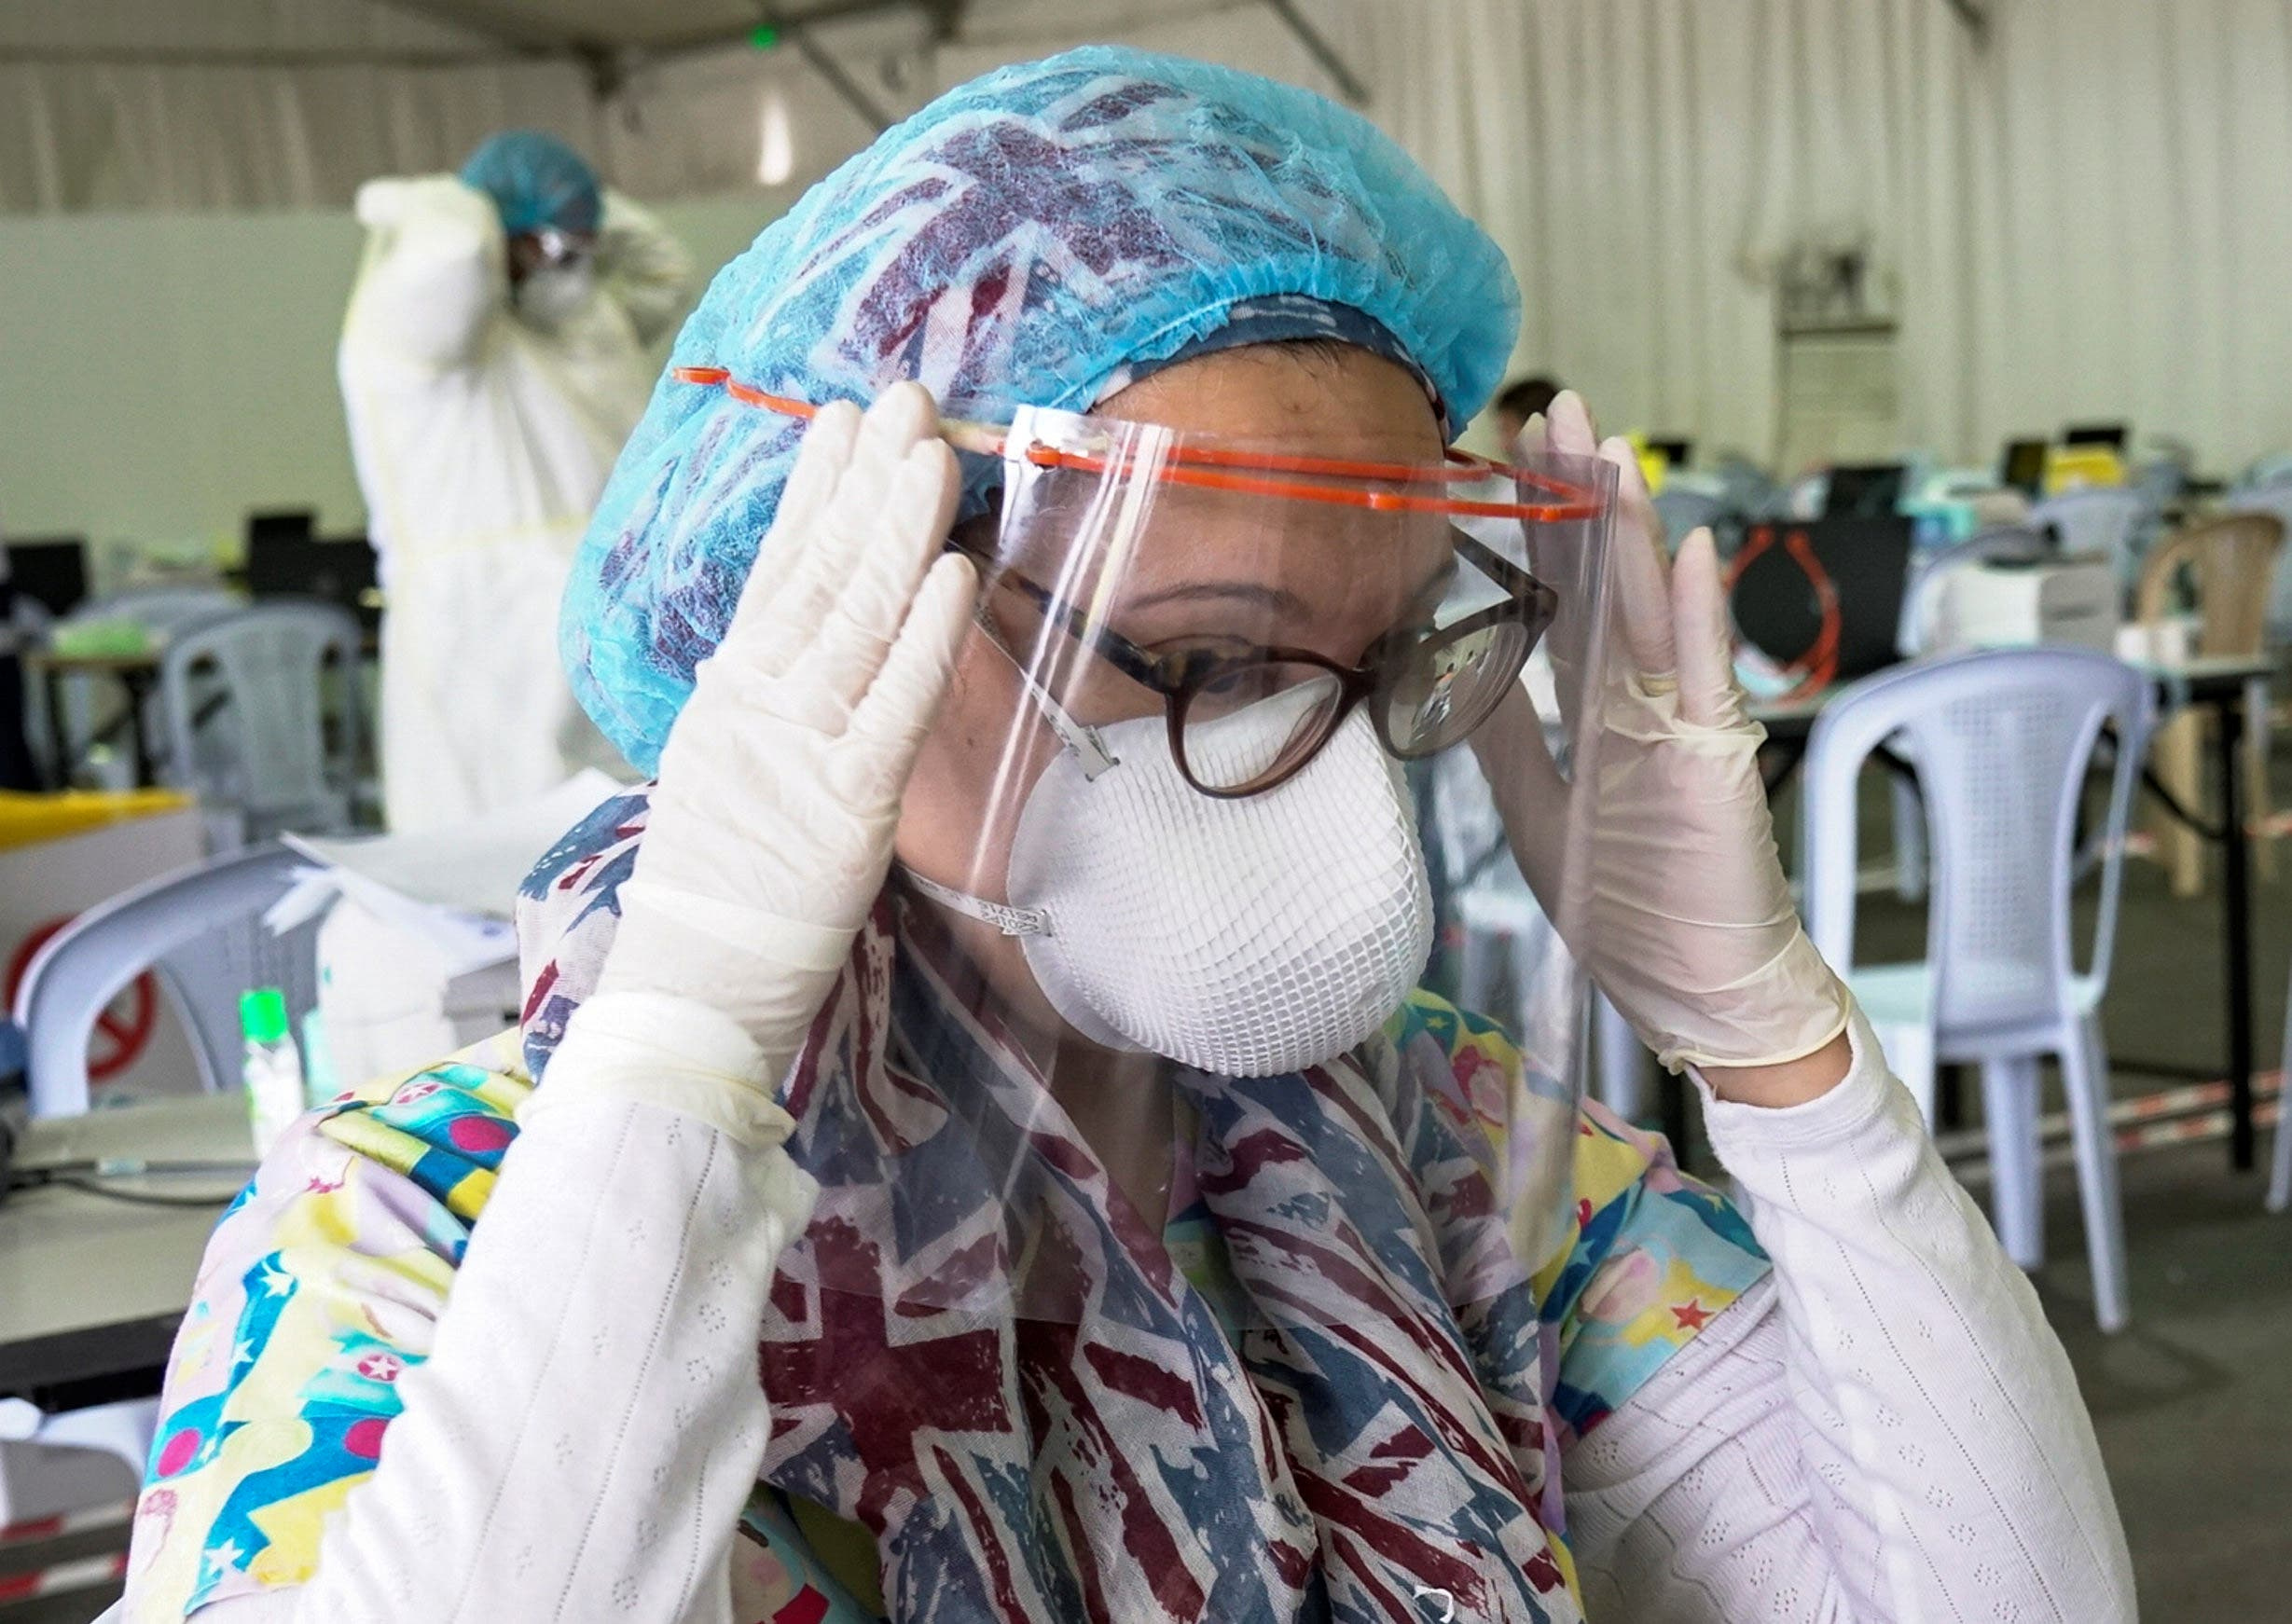 طبيبة كويتية تضع قناعاً واقياً قبل فحص مواطنين تم إجلاؤهم في مطار الكويت (أرشيفية)